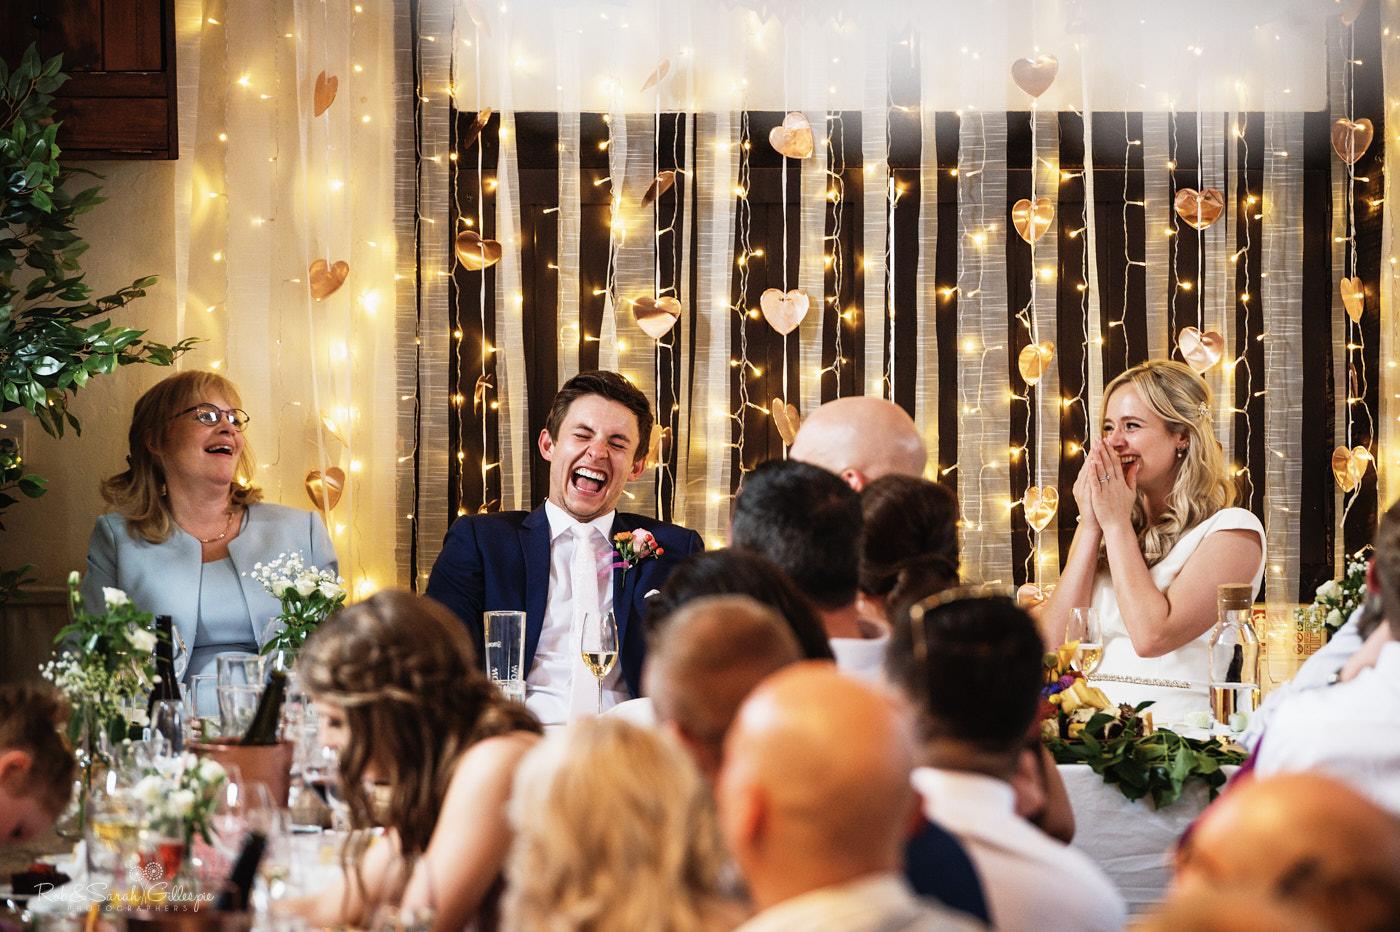 Village hall wedding speeches in Belbroughton, Worcestershire